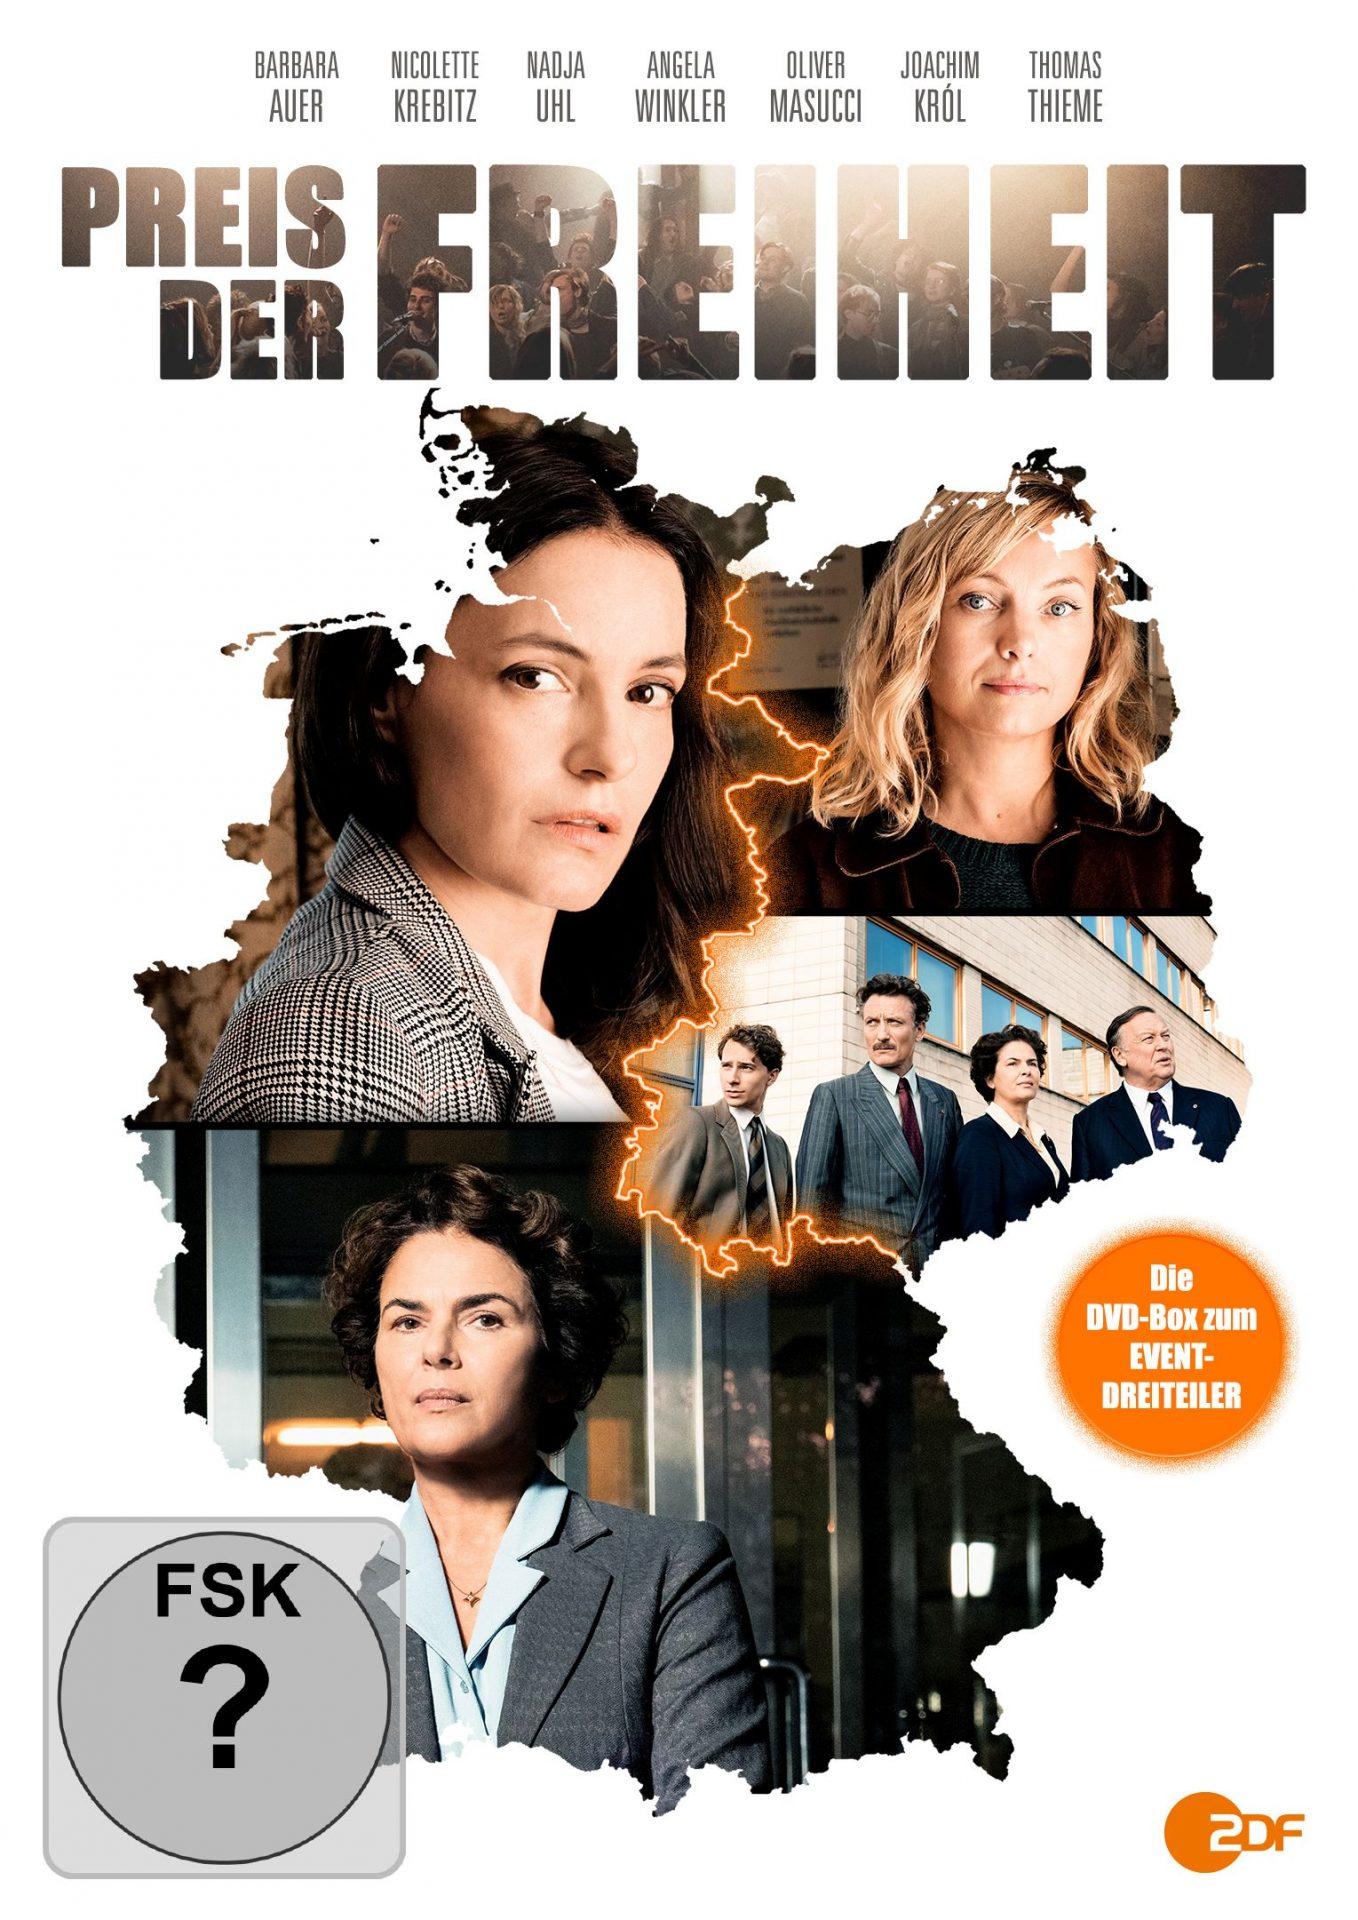 Preis der Freiheit - dreiteiliges Ost-West-Drama zum 30. Jahrestag des Mauerfalls (DVD, Edel Motion)